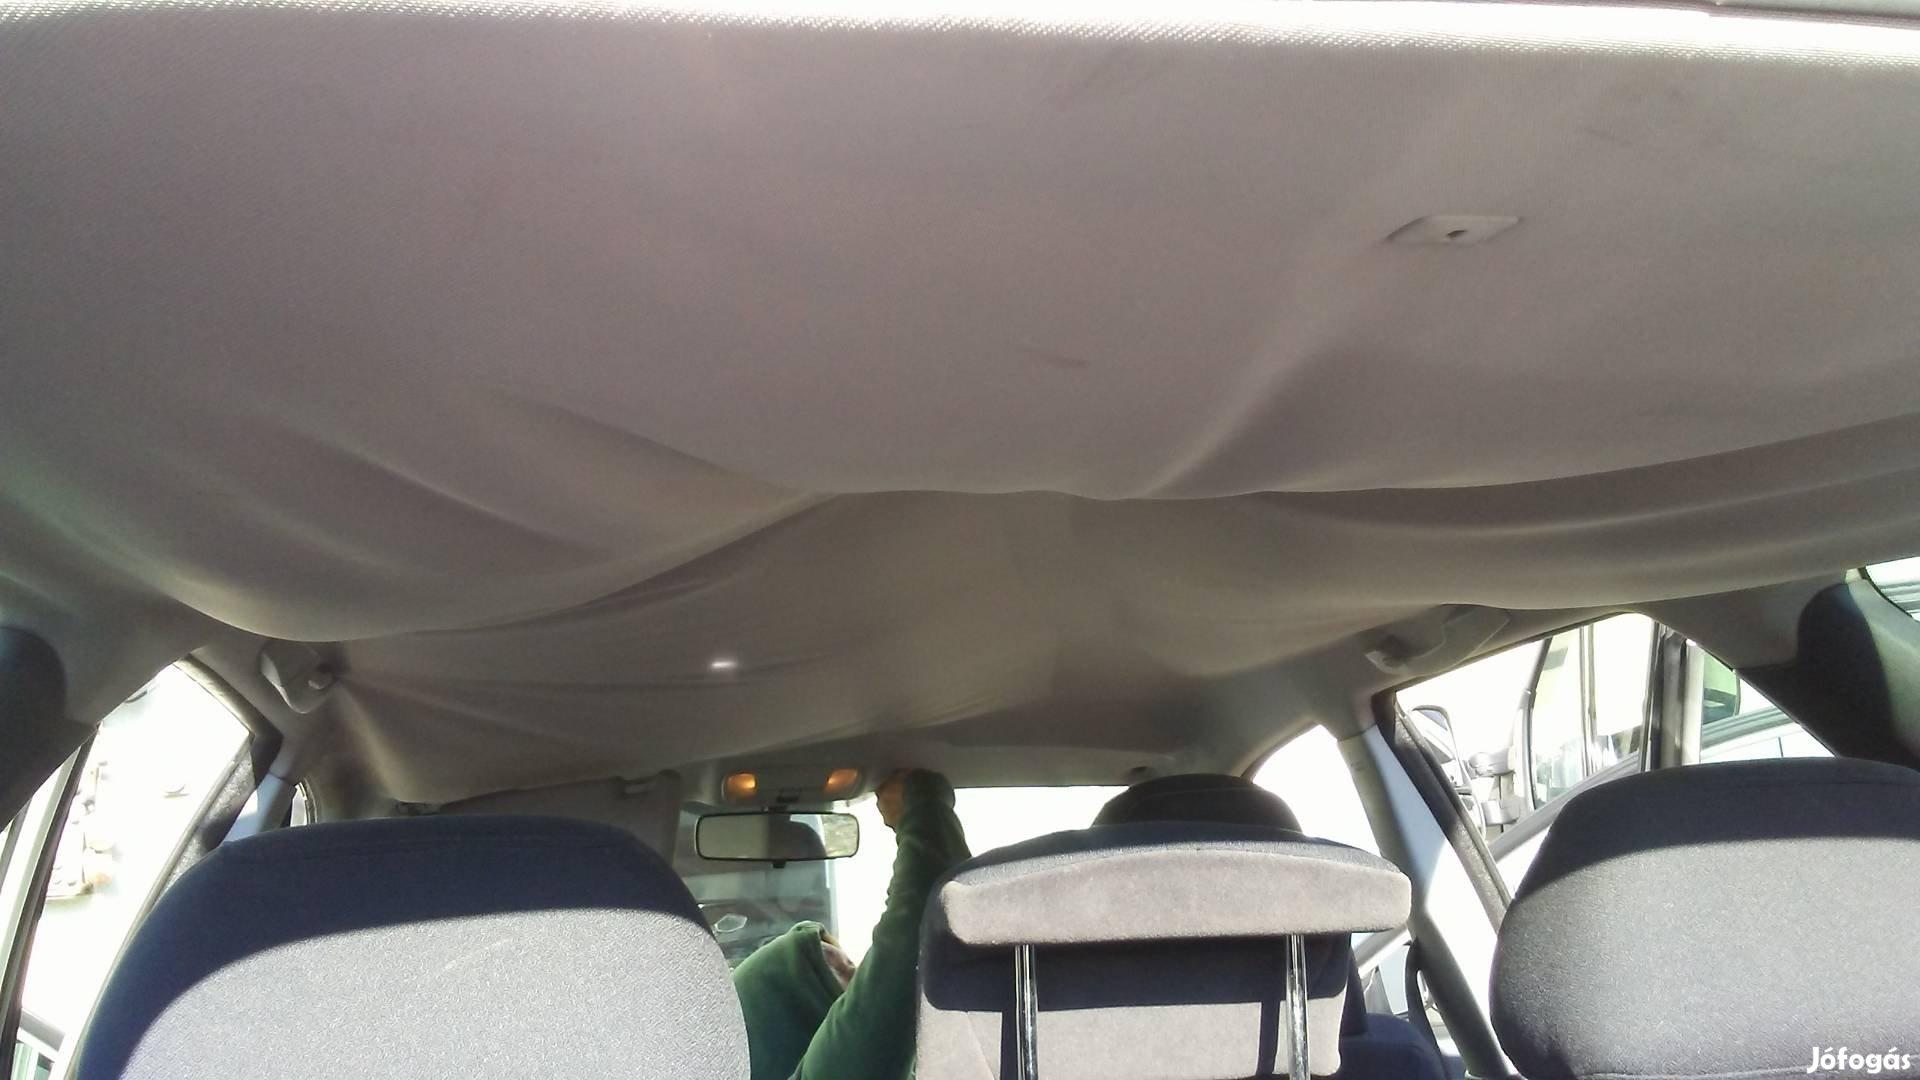 Autó tetőkárpit javítás, 2 órán belül. a helyszínen megvárható!!